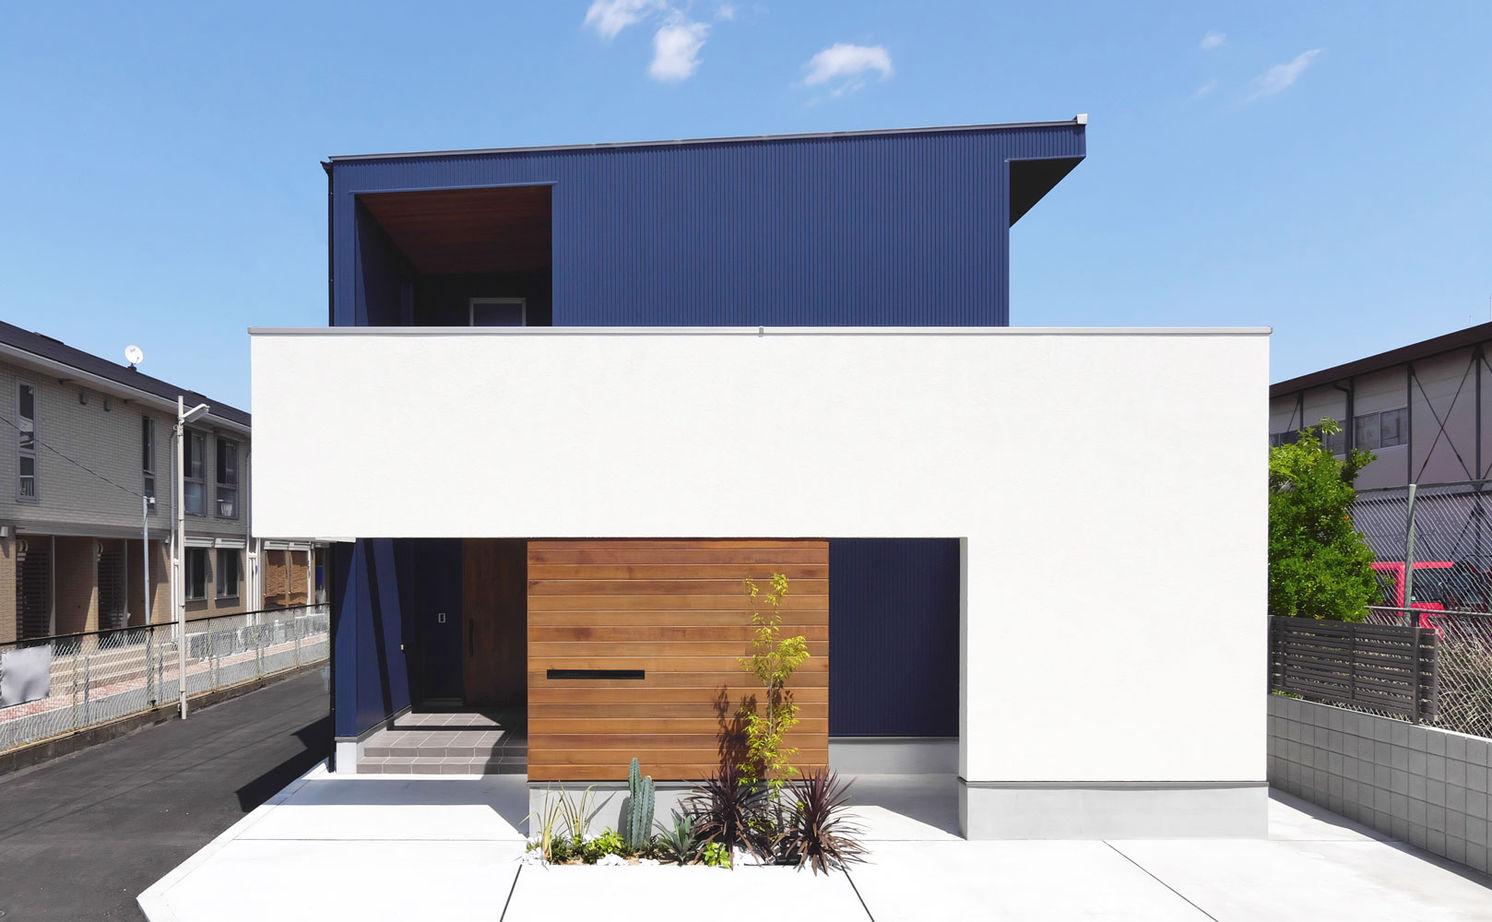 【2990万円/2台駐車】将来を見据えた間取り構成 10帖の吹き抜けが魅力的なパッシブデザインの家画像1